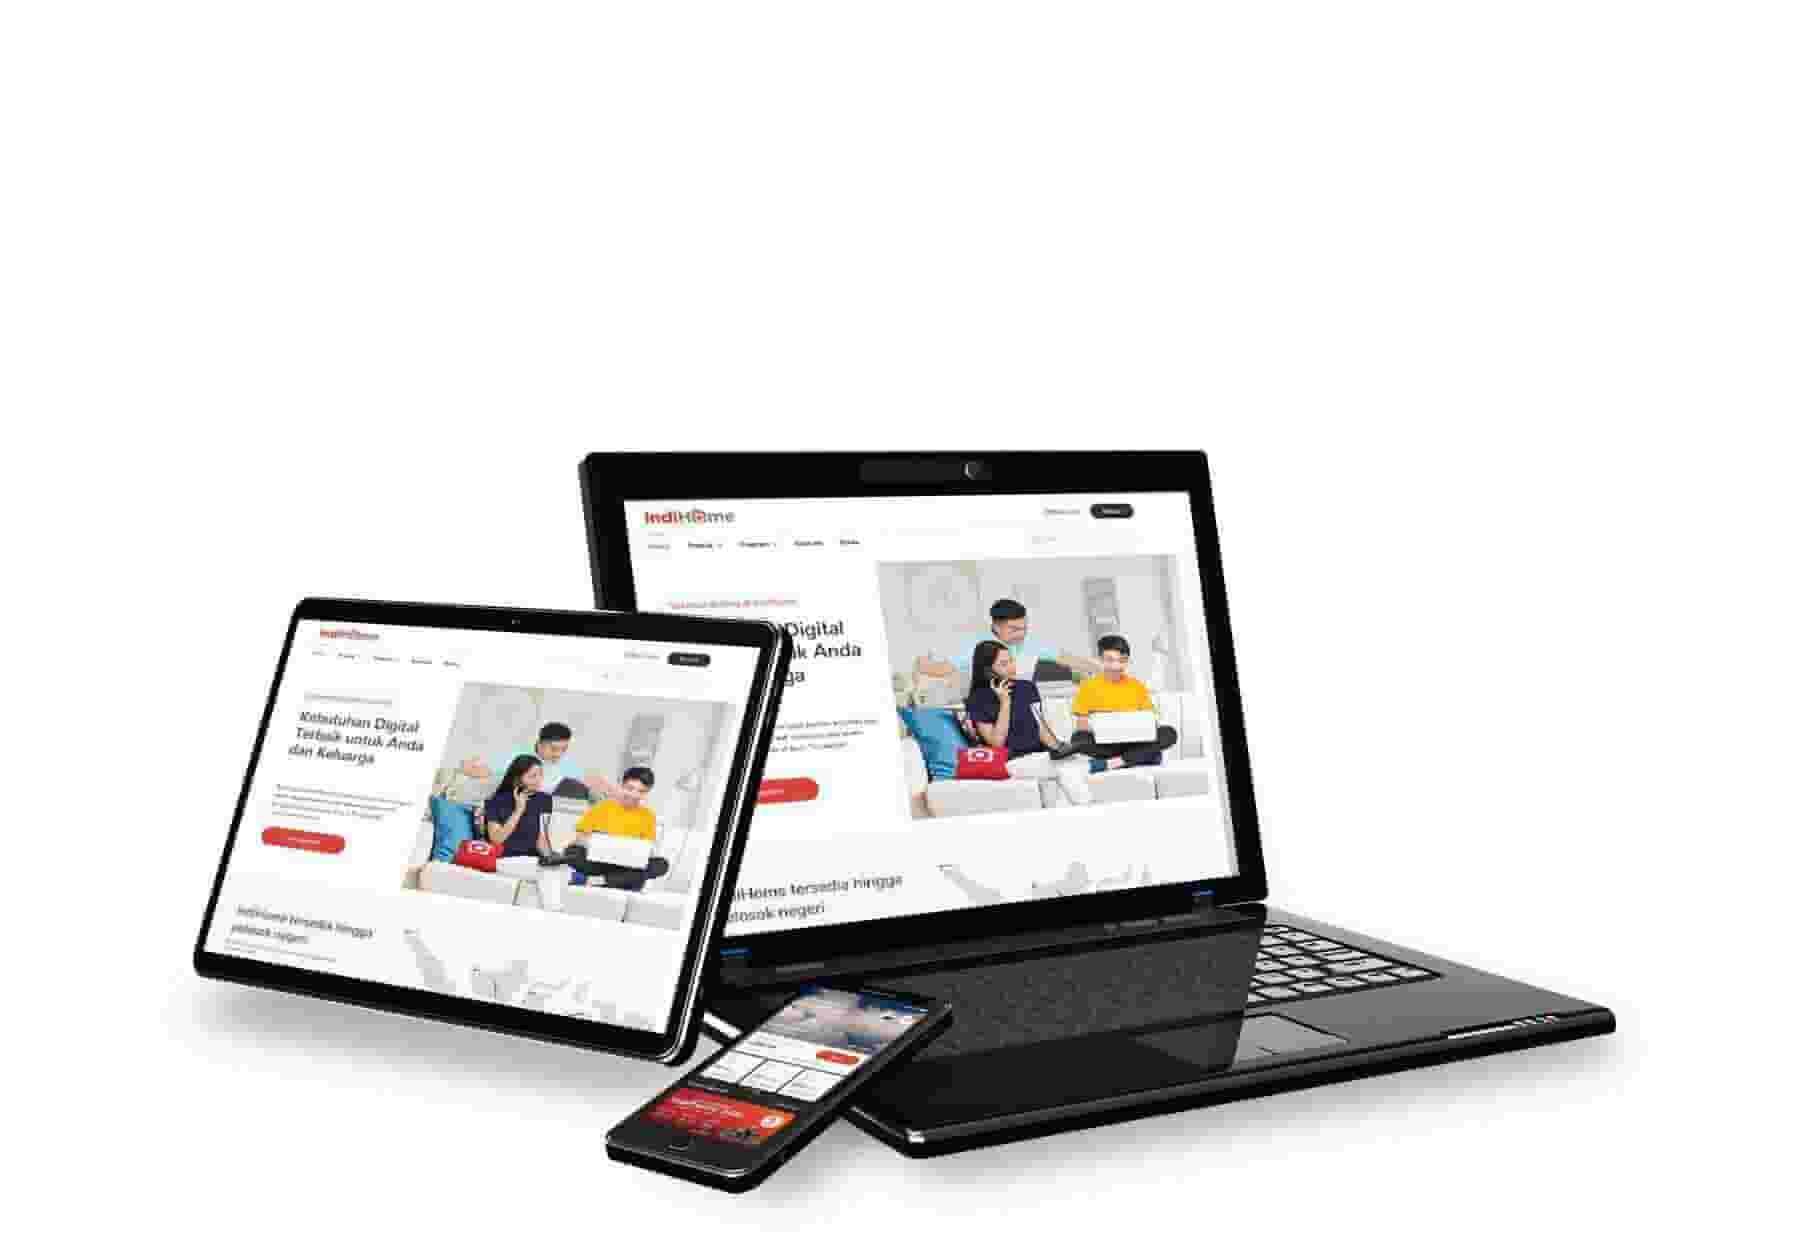 Daftar Harga Paket Indihome Murah 2021 Indihome Web Promo